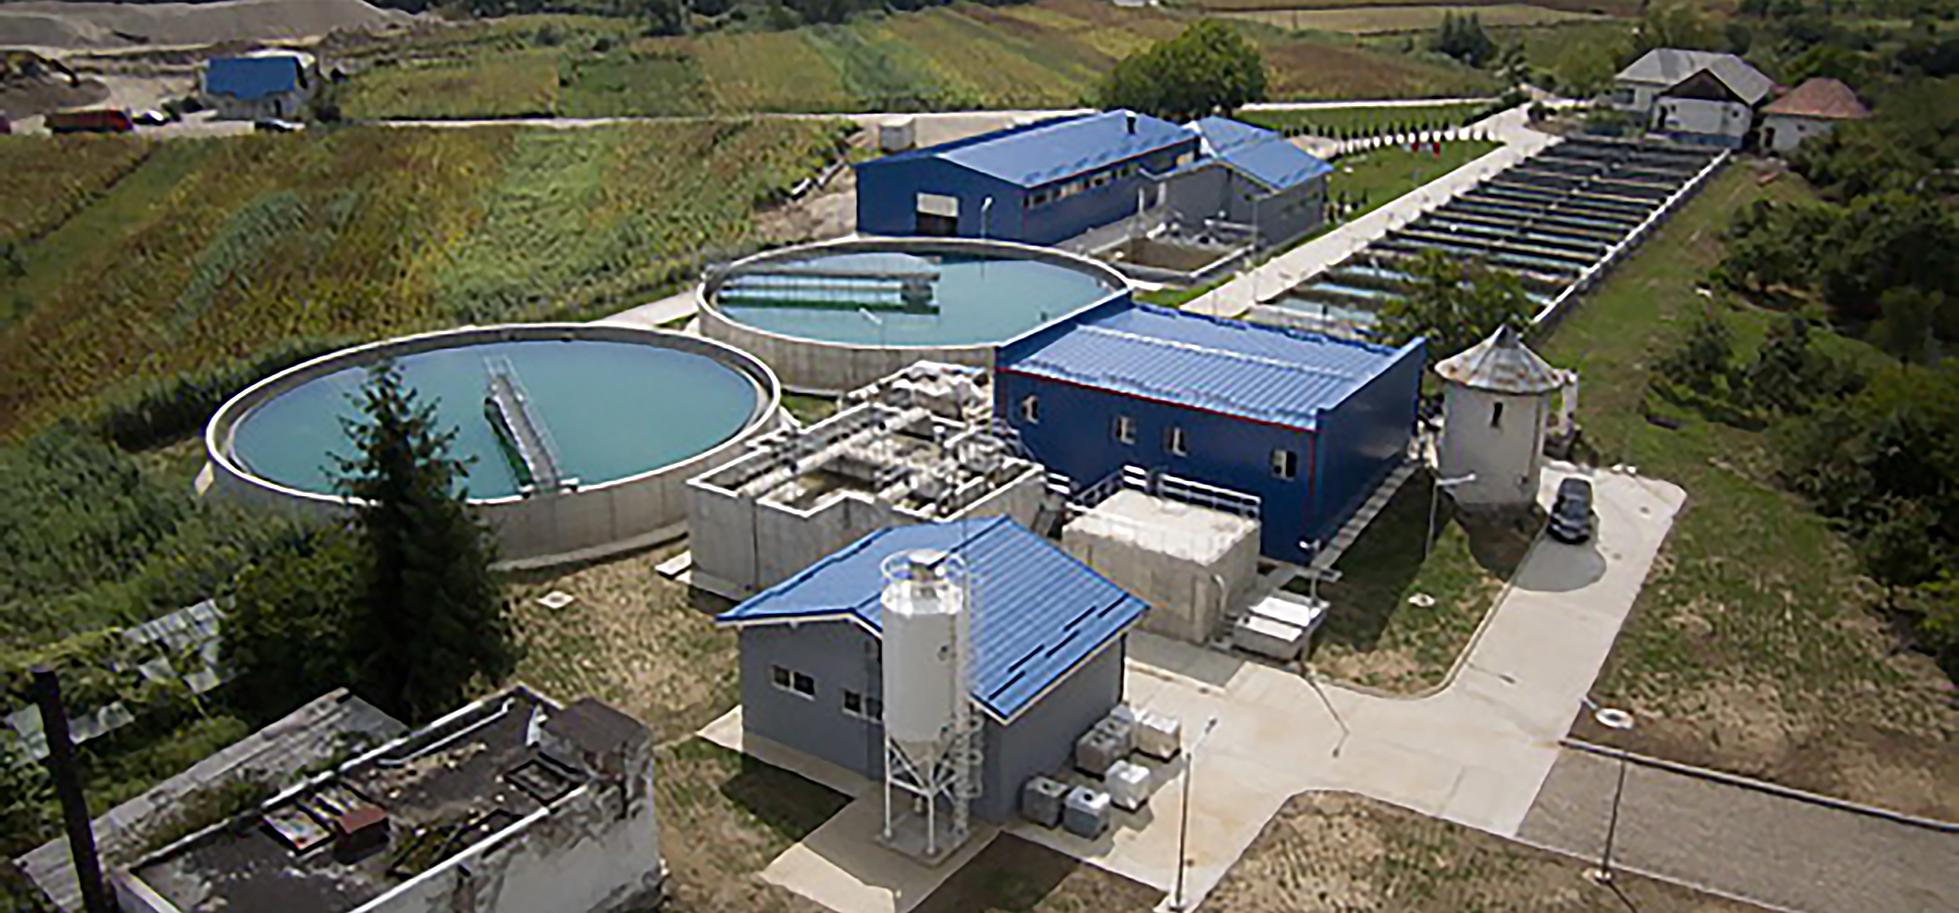 Aigua potable i potablilització